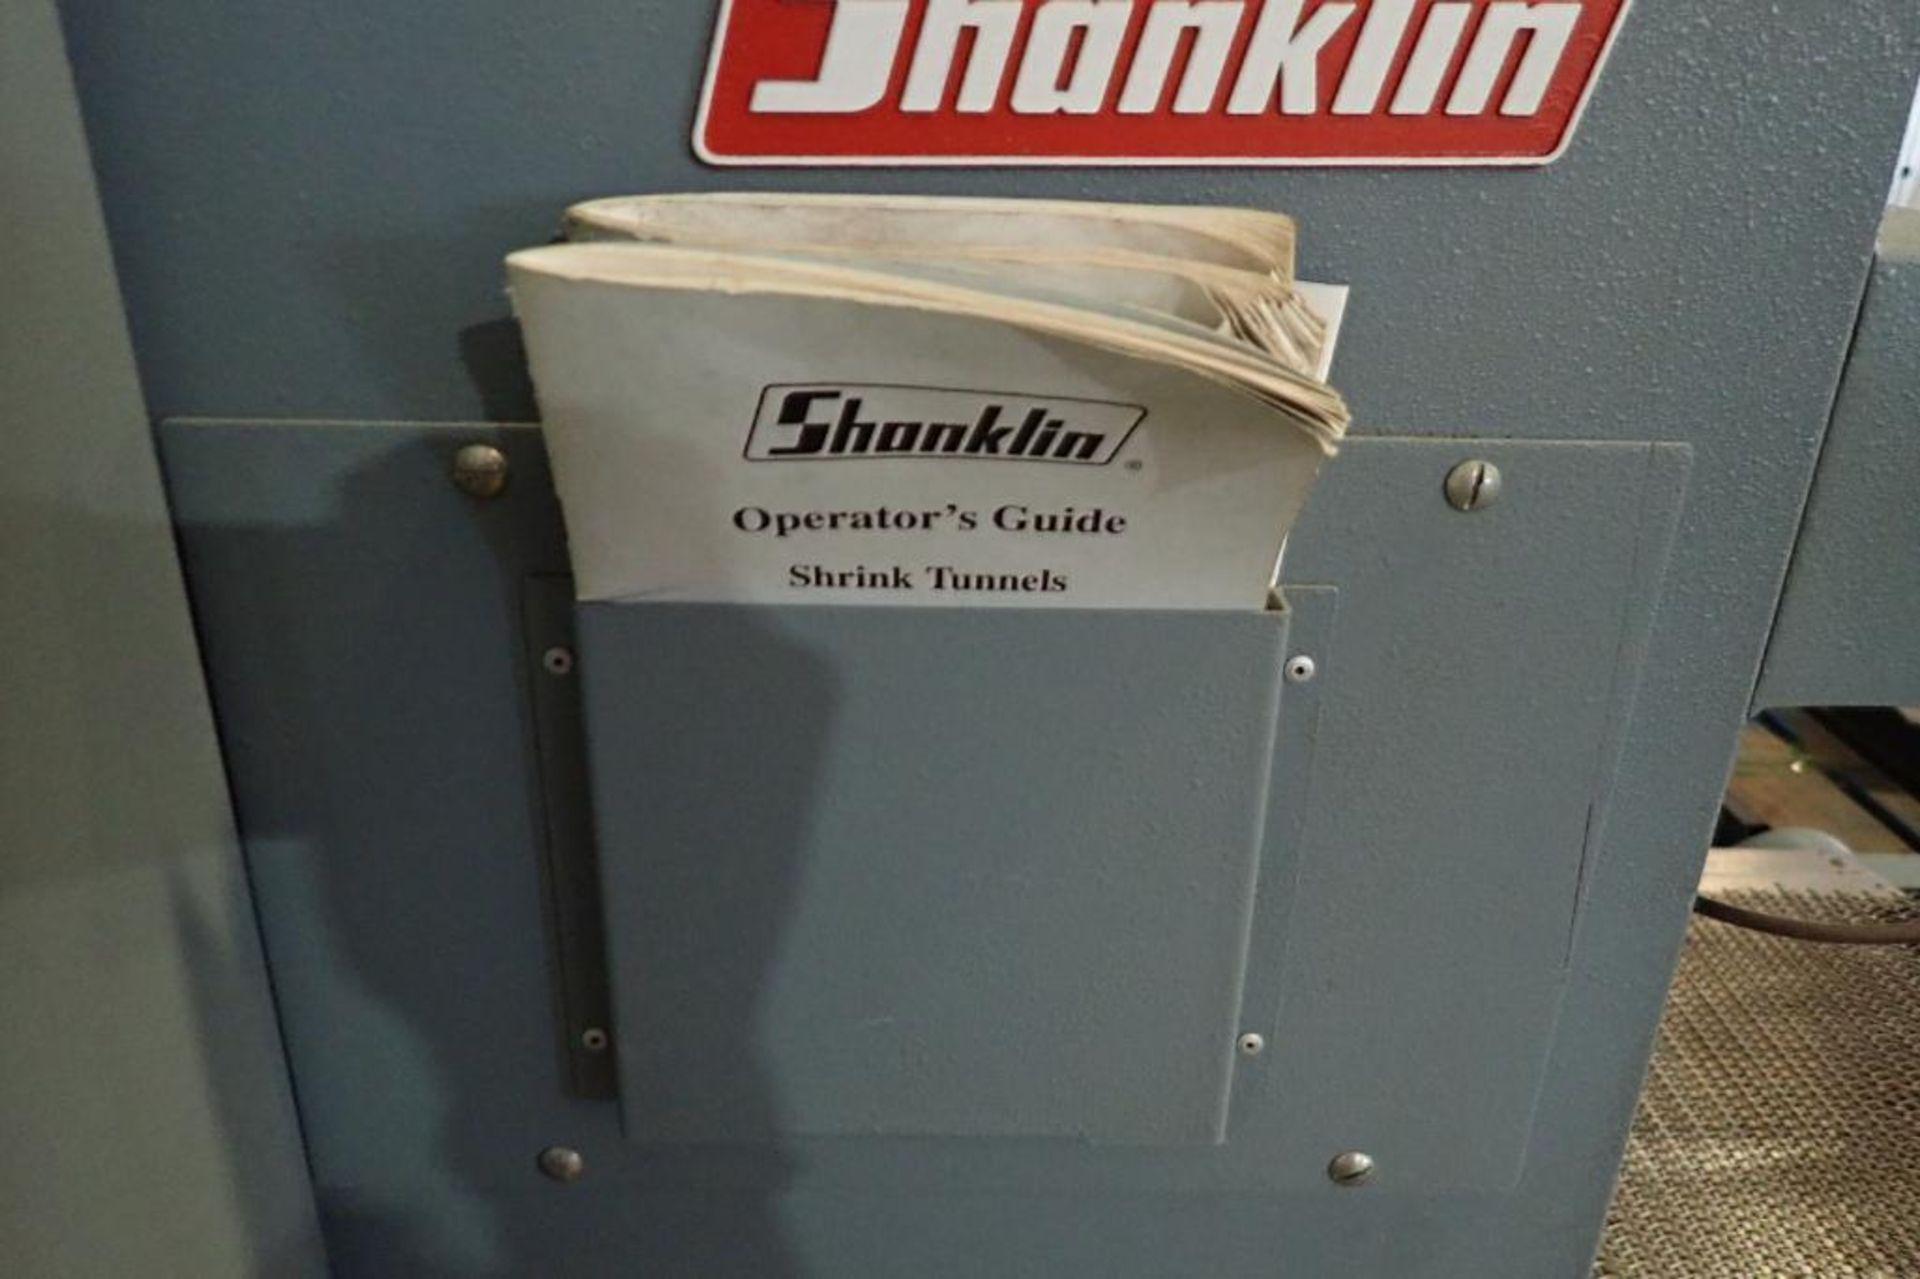 Lot 43 - Shanklin heat shrink tunnel, Model T-62, SN T-99214, tunnel 61 in. long x 19 in. wide x 10 in. tall,